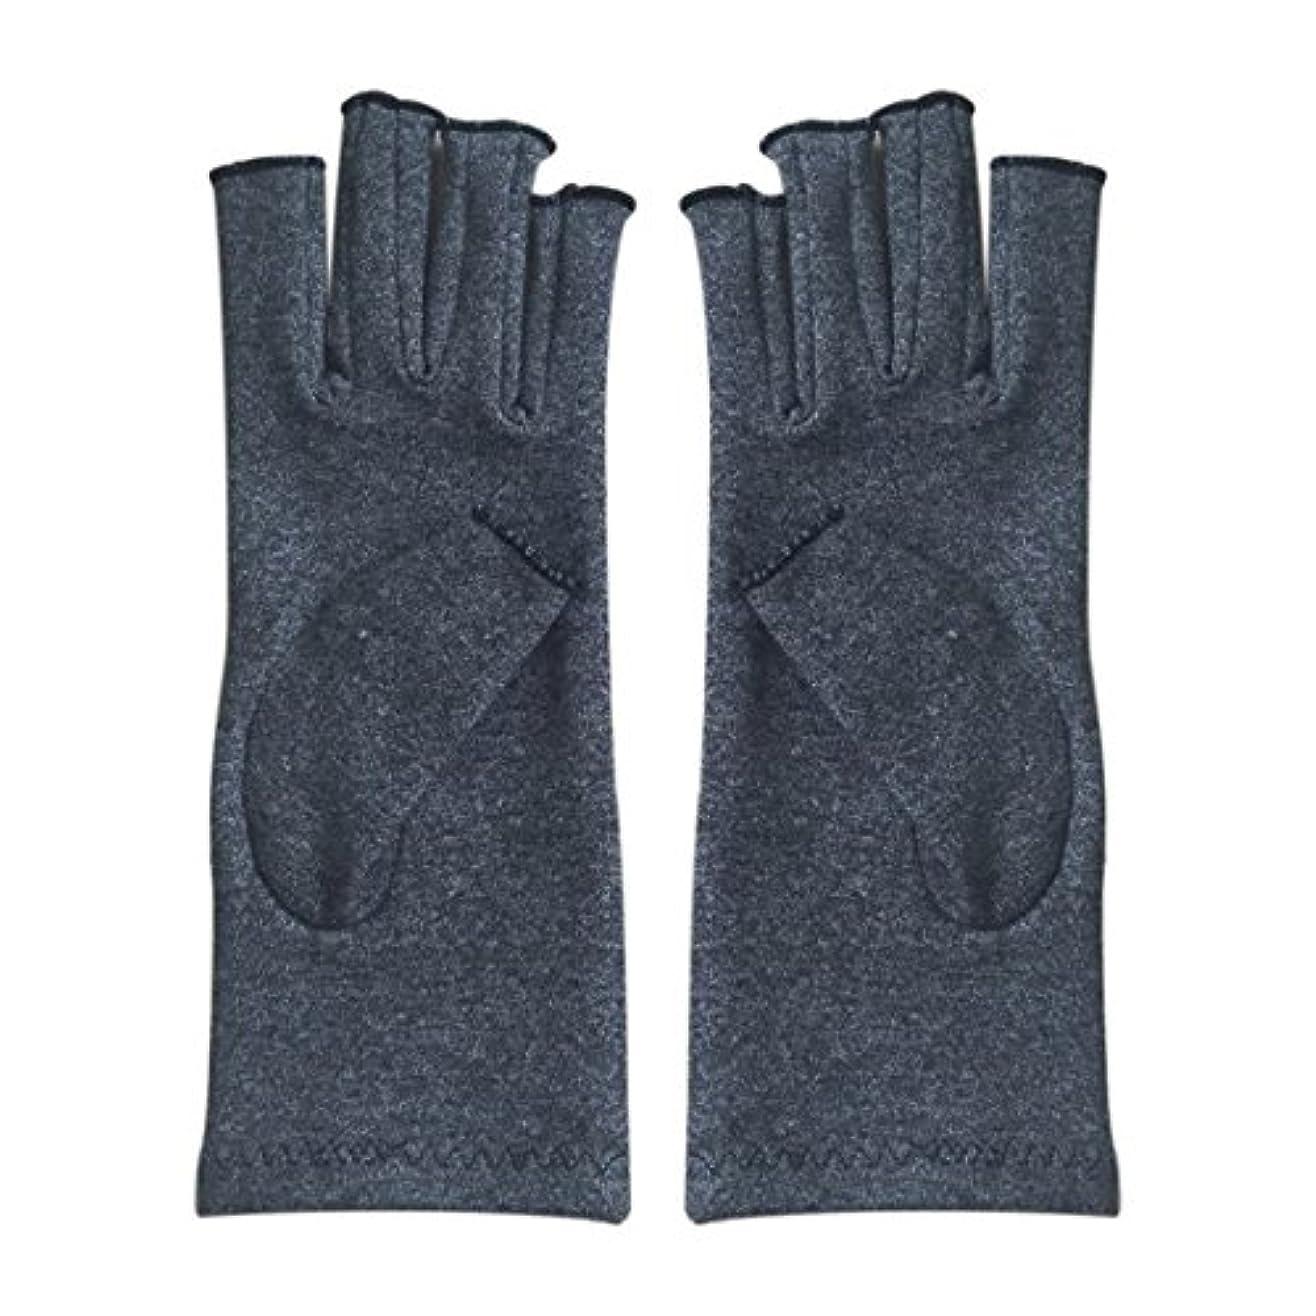 保持する哀れな解釈的Gaoominy 1ペア成人男性女性用弾性コットンコンプレッション手袋手関節炎関節痛鎮痛軽減M - 灰色、M